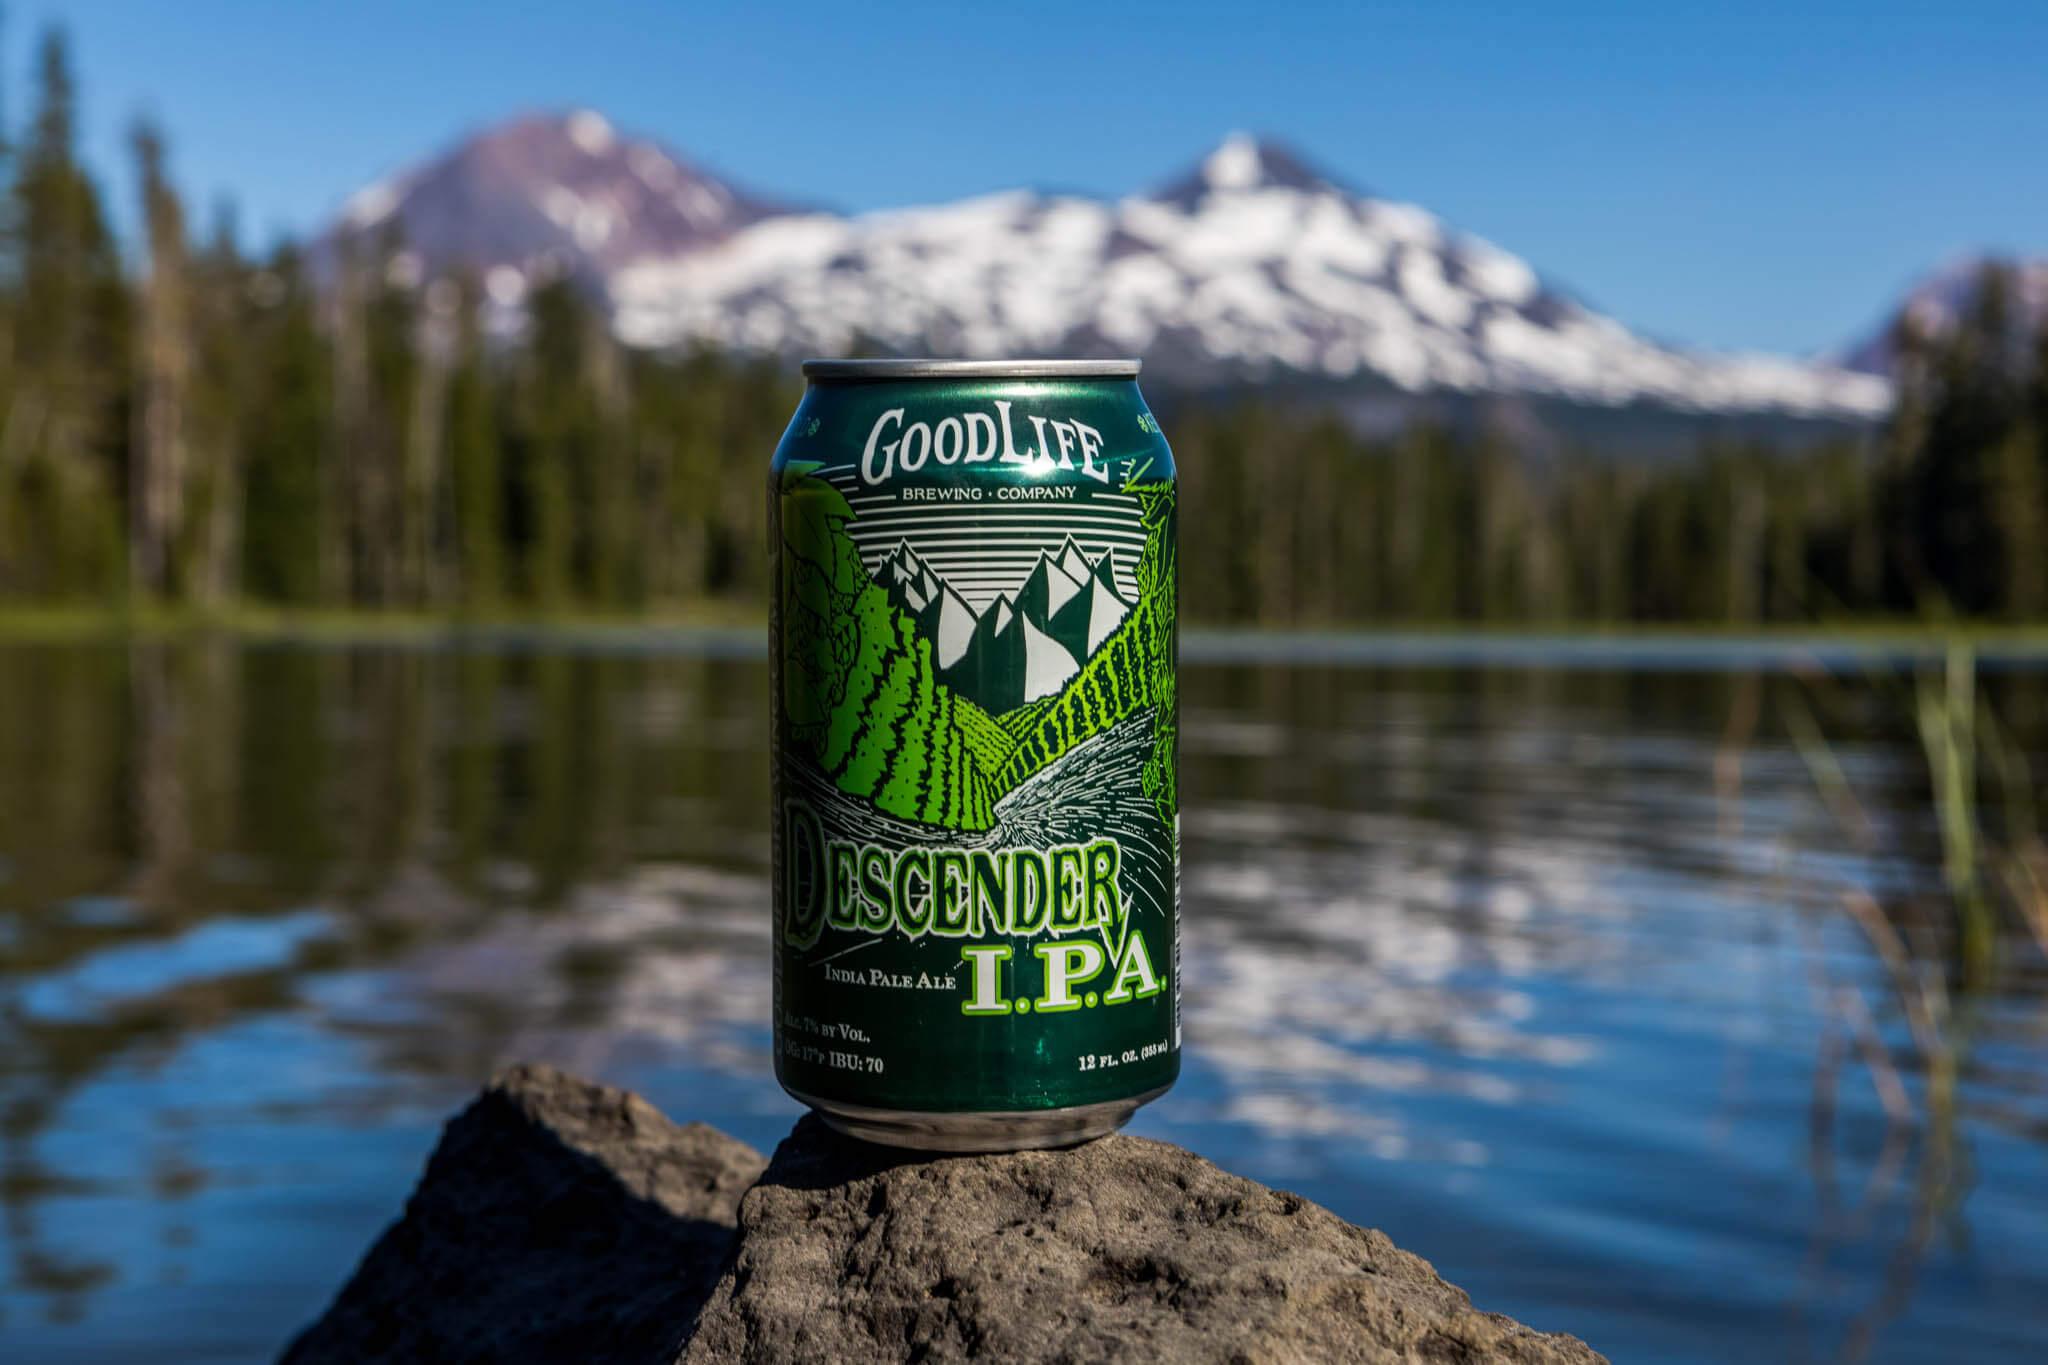 Descender - Bend Beer - The GoodLife